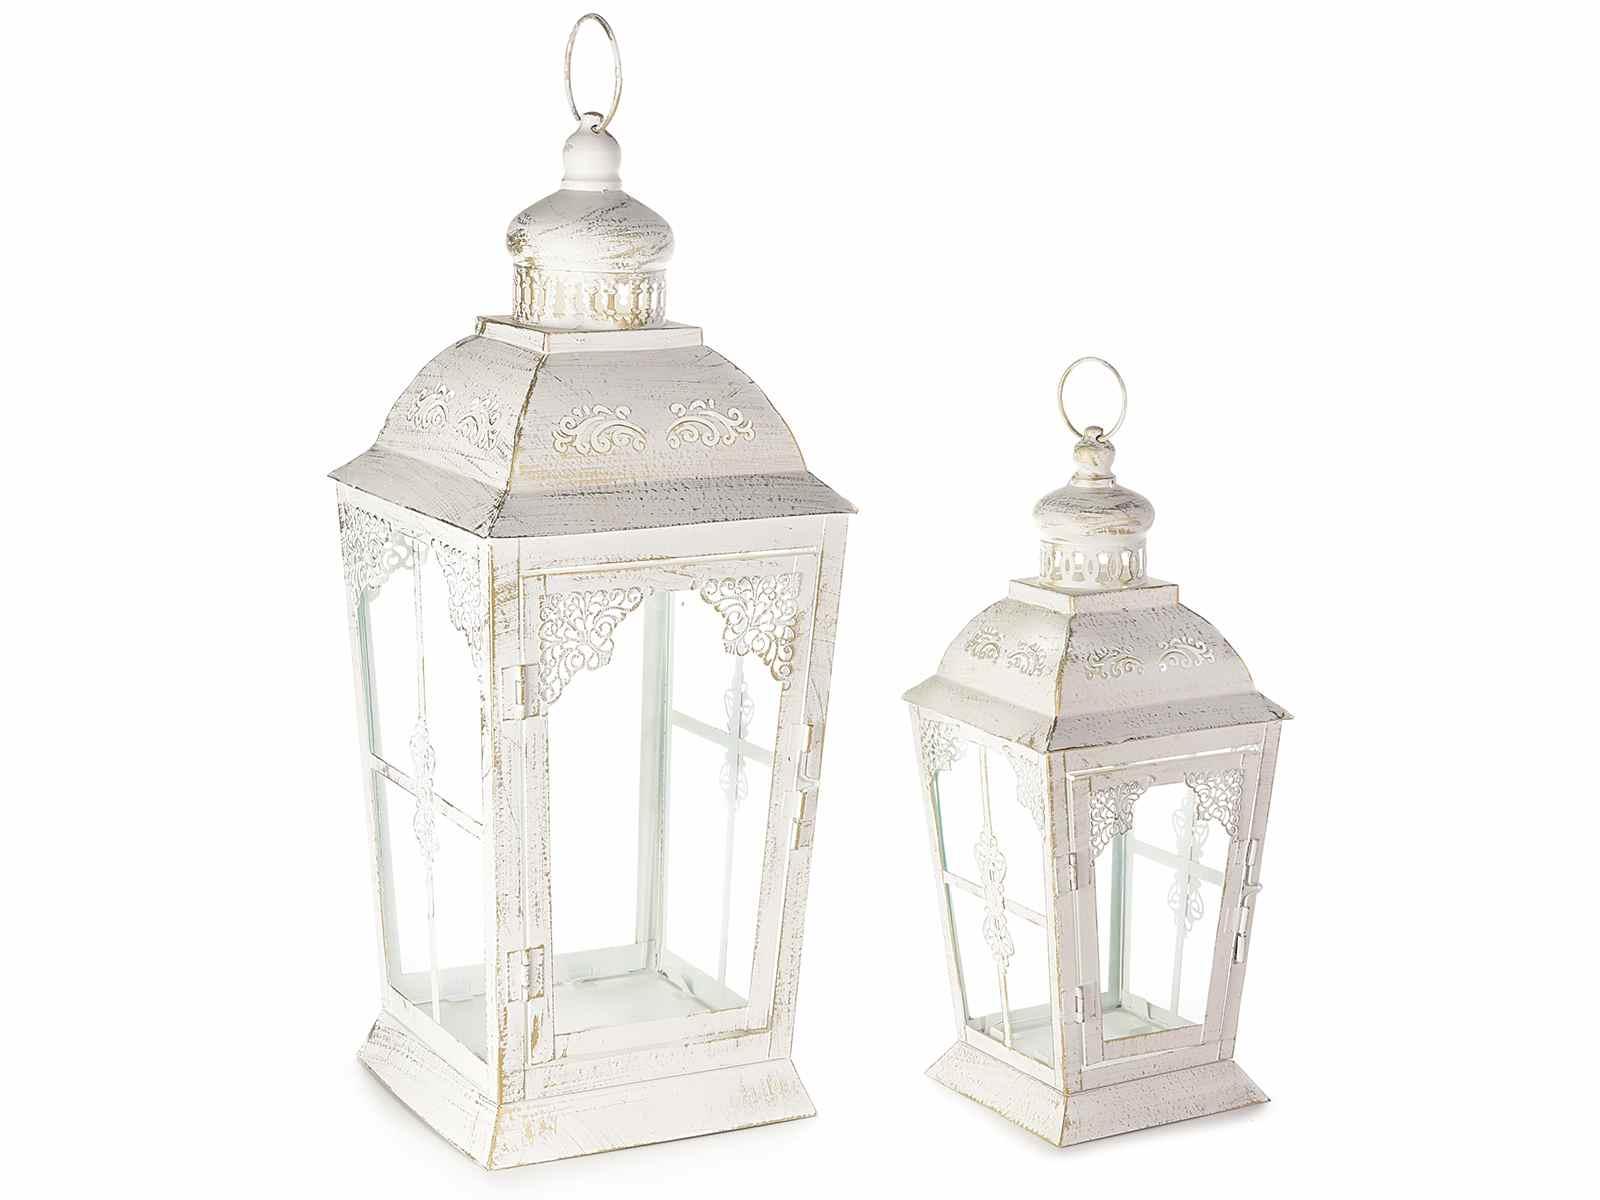 Portacandele Da Giardino : Per candele portacandele da giardino in metallo bianco altezza da 70